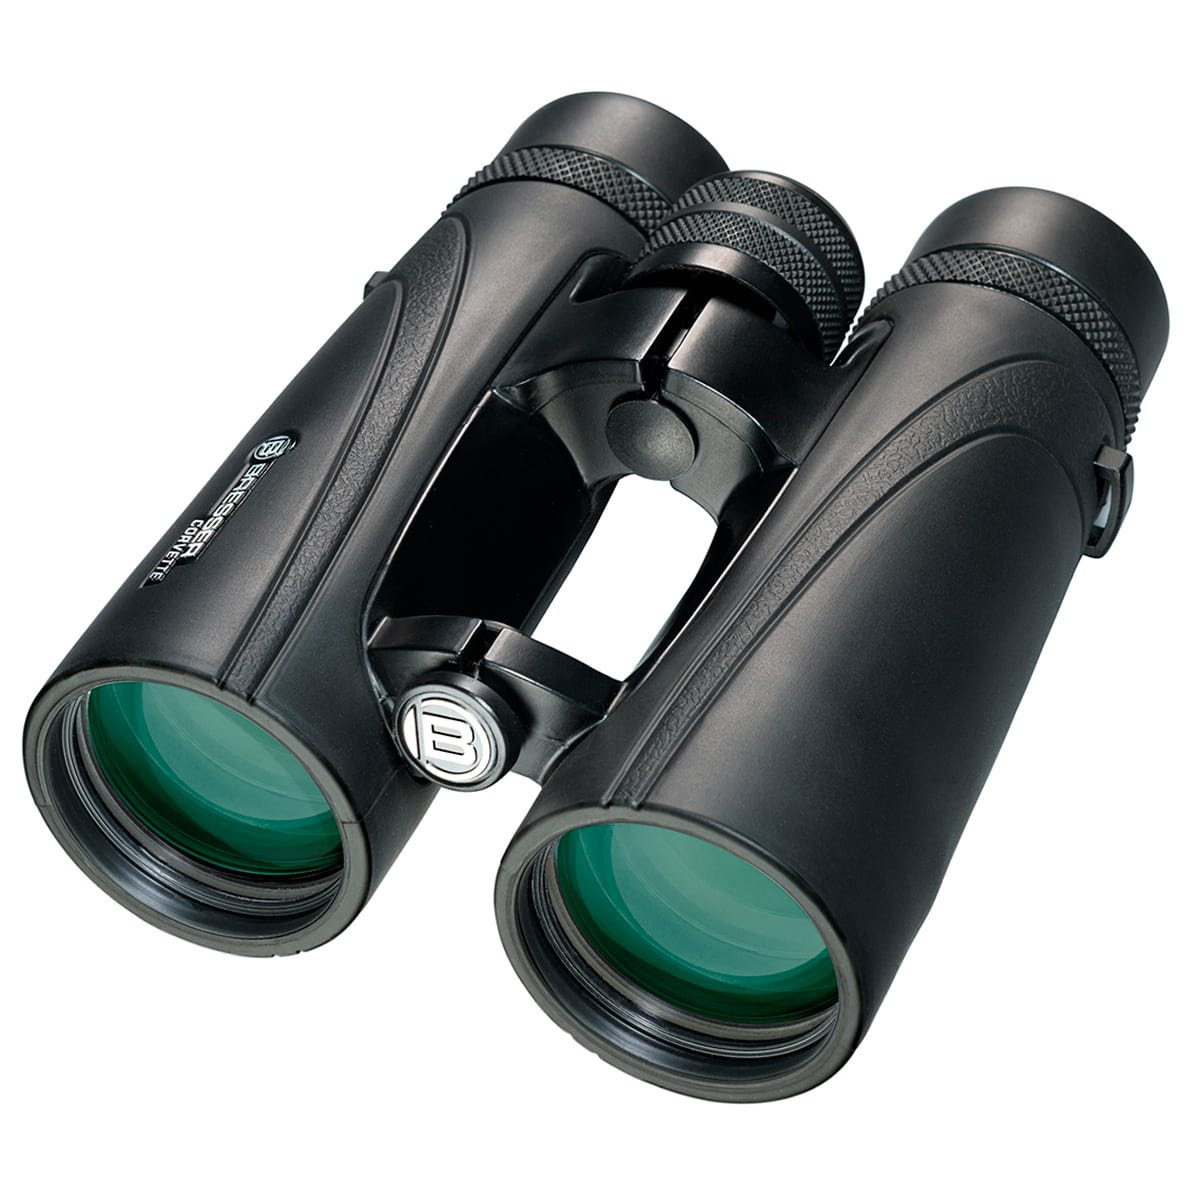 Velegnet til brillebrugere og perfekt til fuglekikkeri og jagt